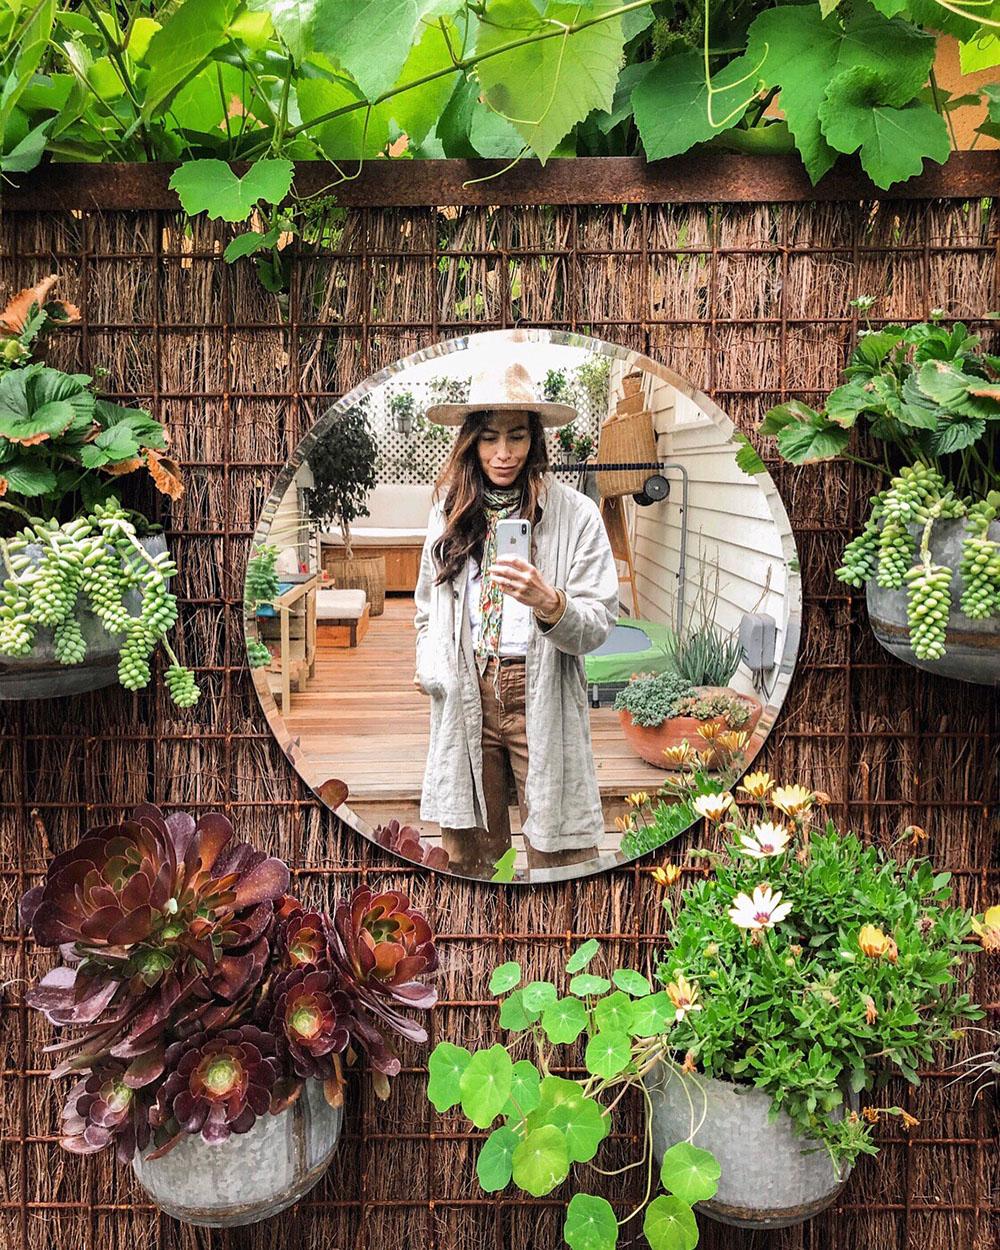 whitney_tinycanalcottage_garden_mirror_1.JPG